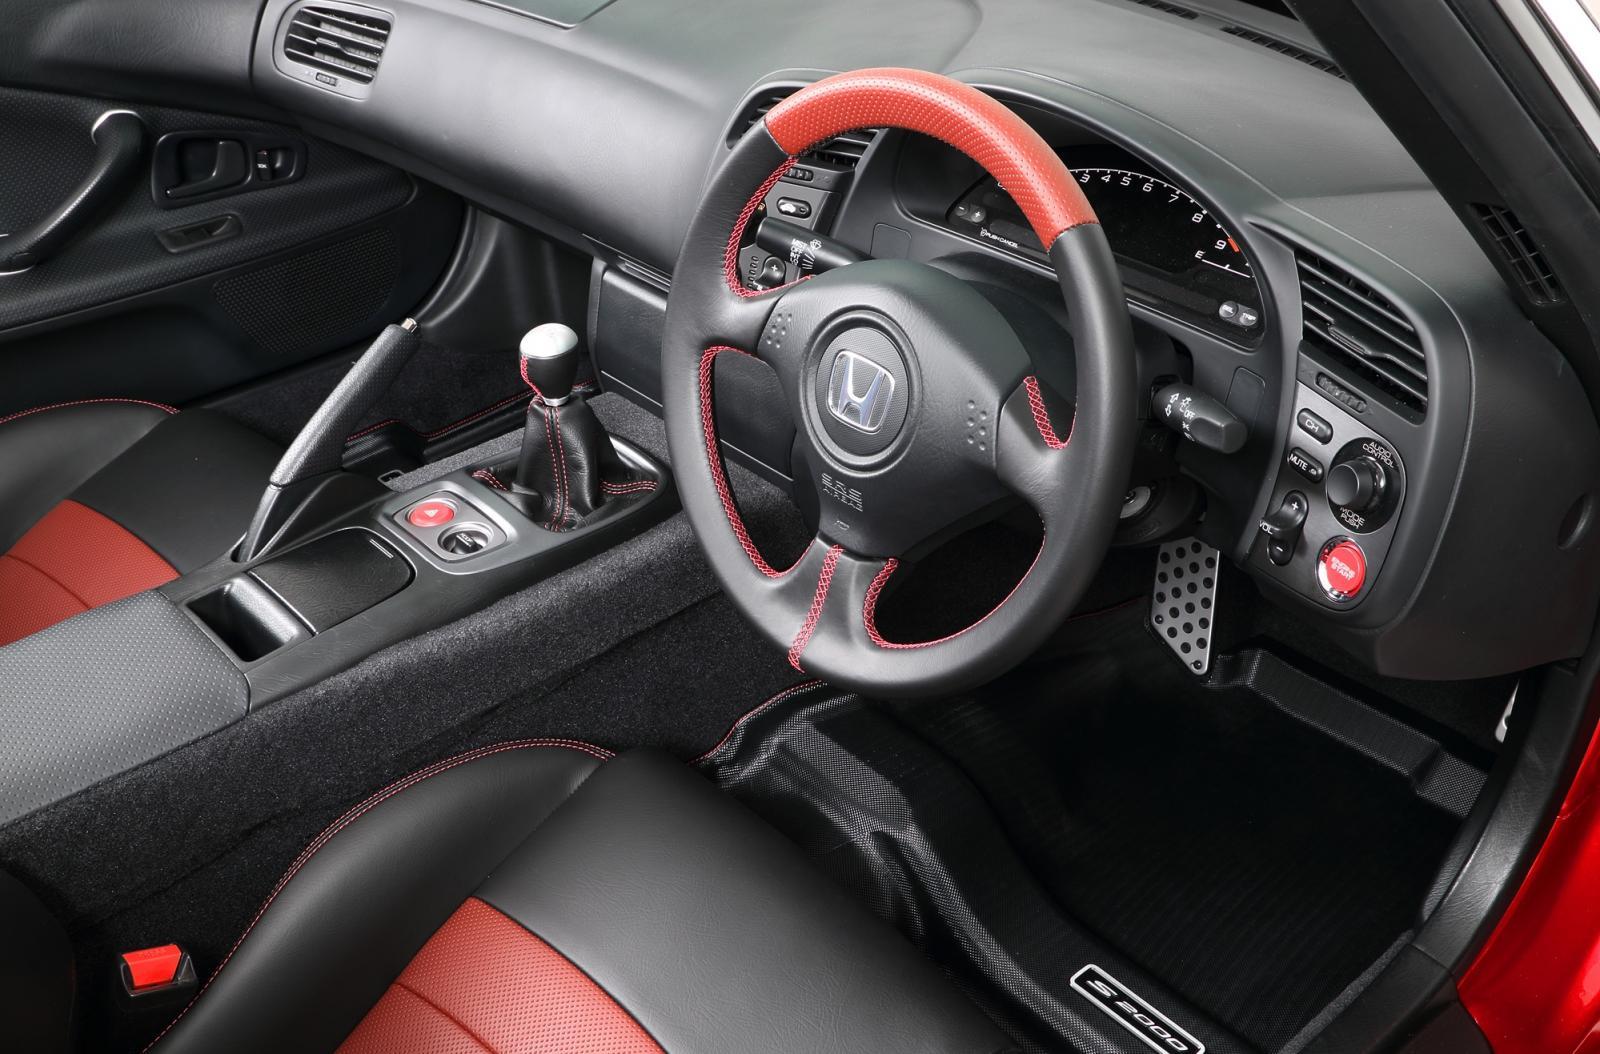 Honda снова начнет производить детали для спорткара S2000